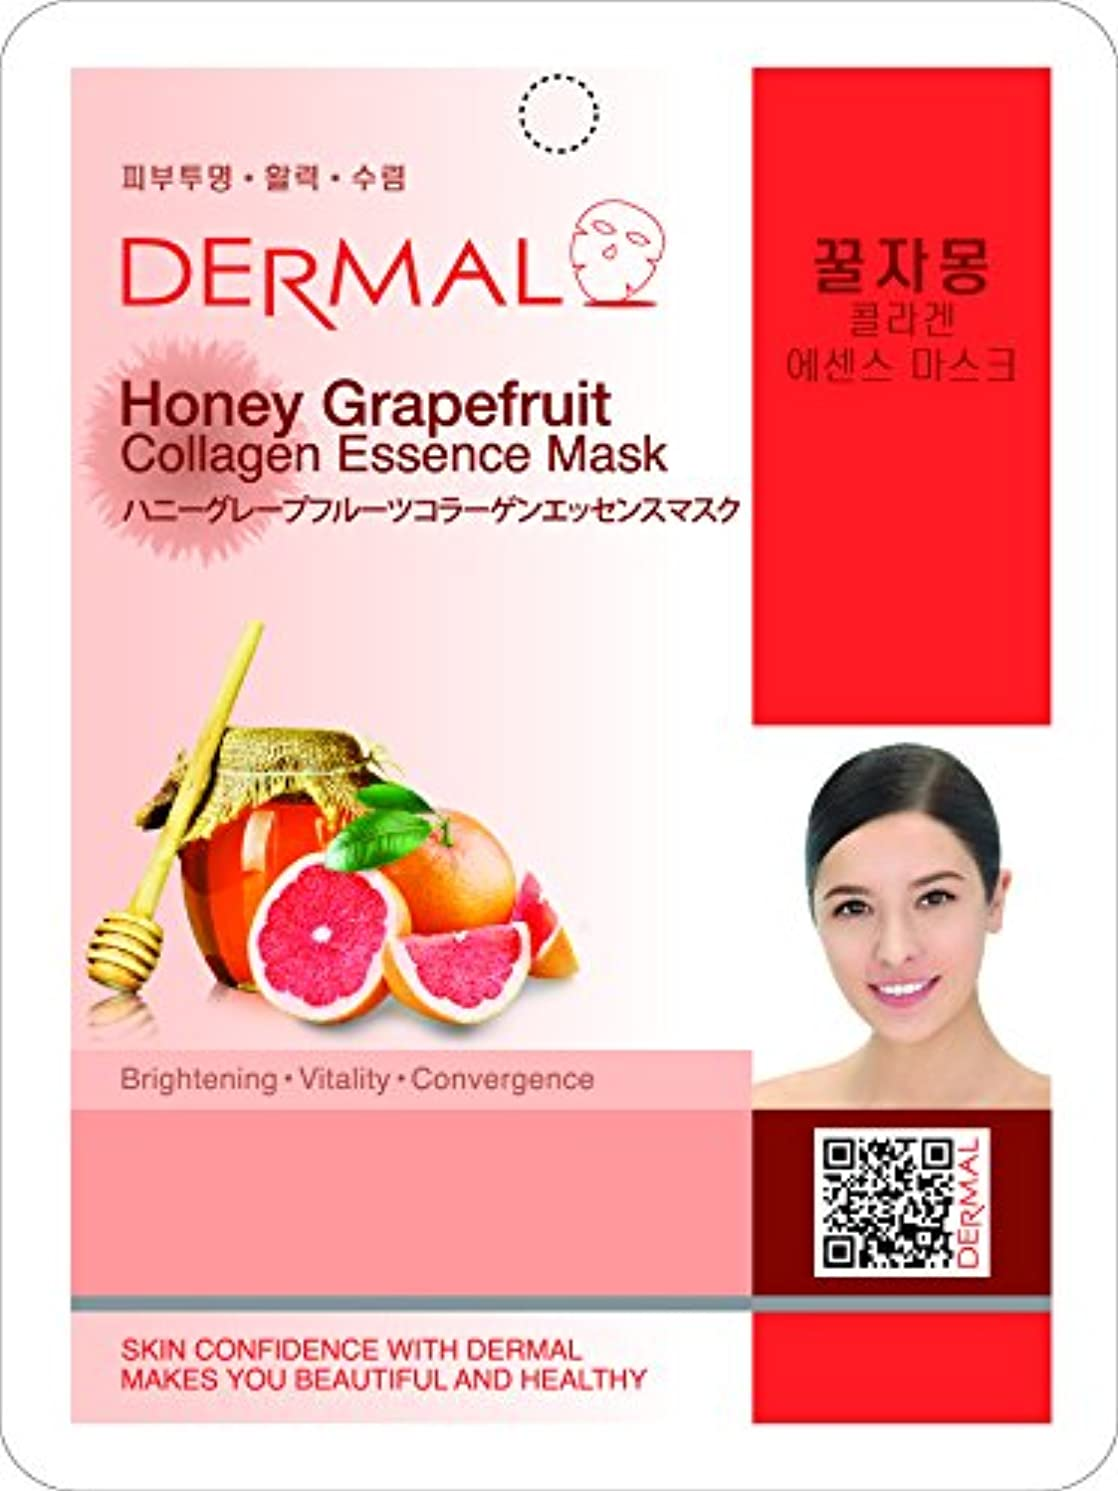 ハニーグレープフルーツシートマスク(フェイスパック) 10枚セット ダーマル(Dermal)